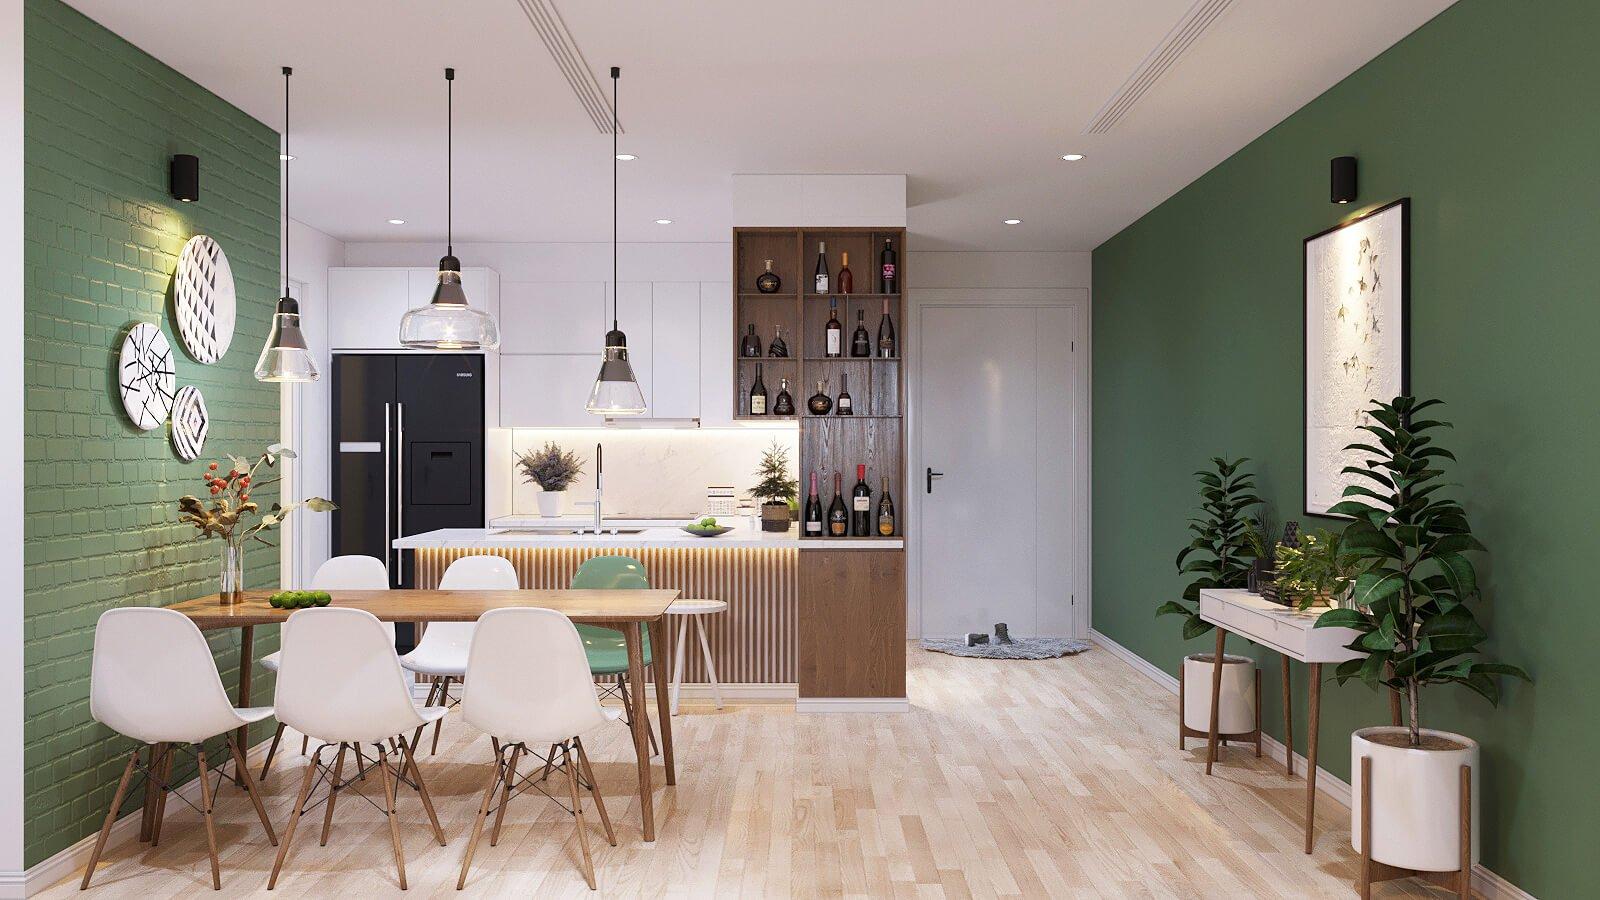 mẫu thiết kế nội thất chung cư scandinavia 4